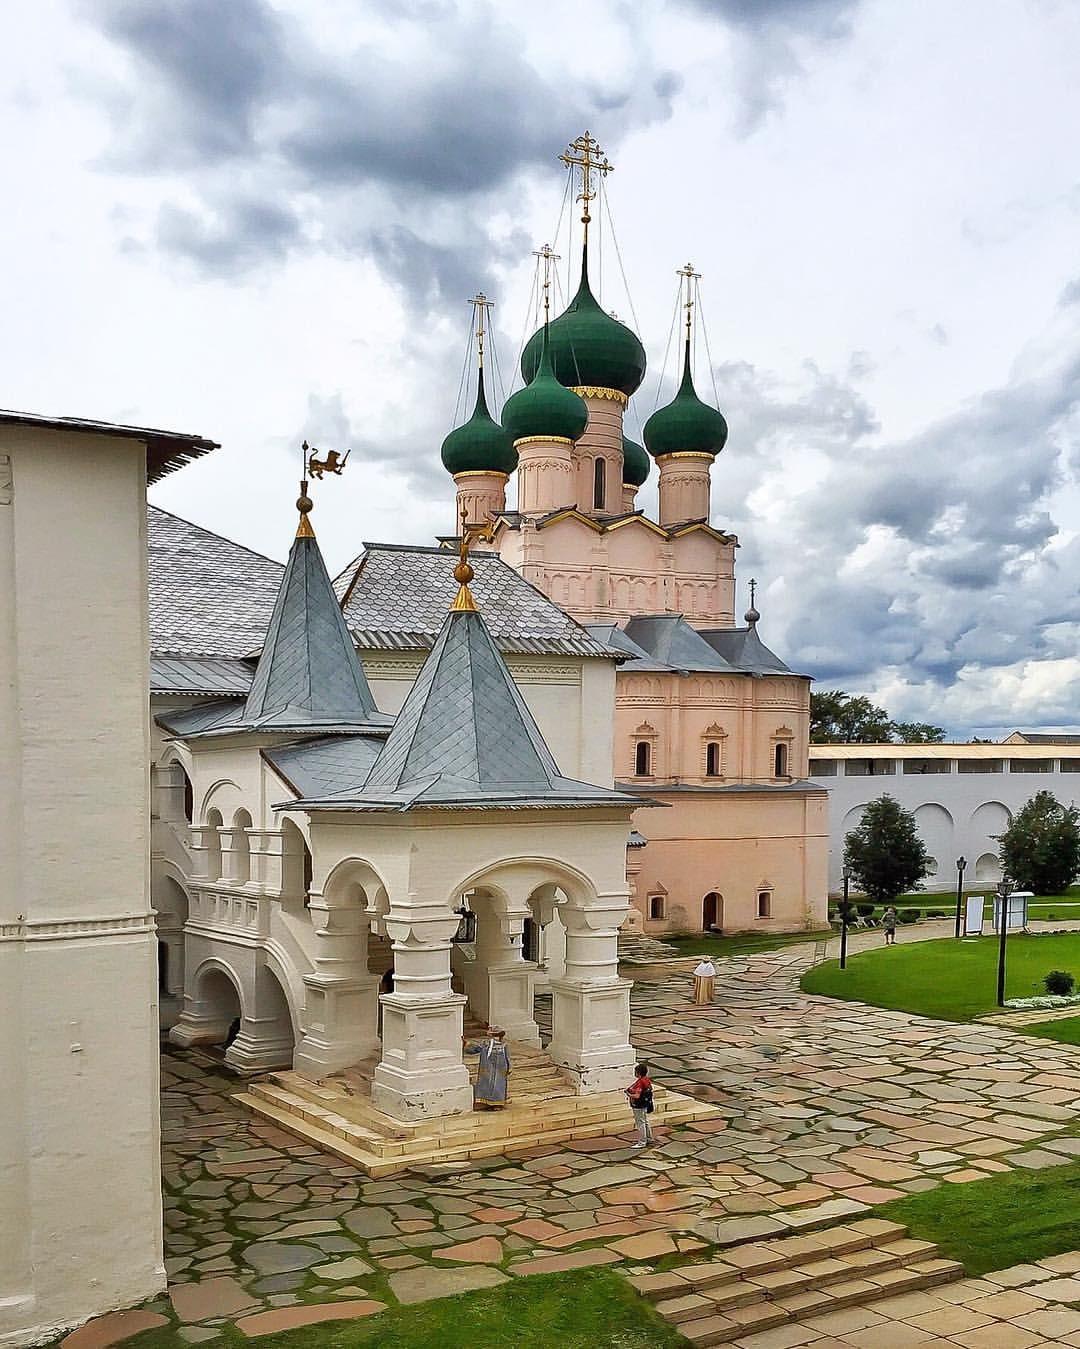 Ростов ярославской области достопримечательности фото и описание